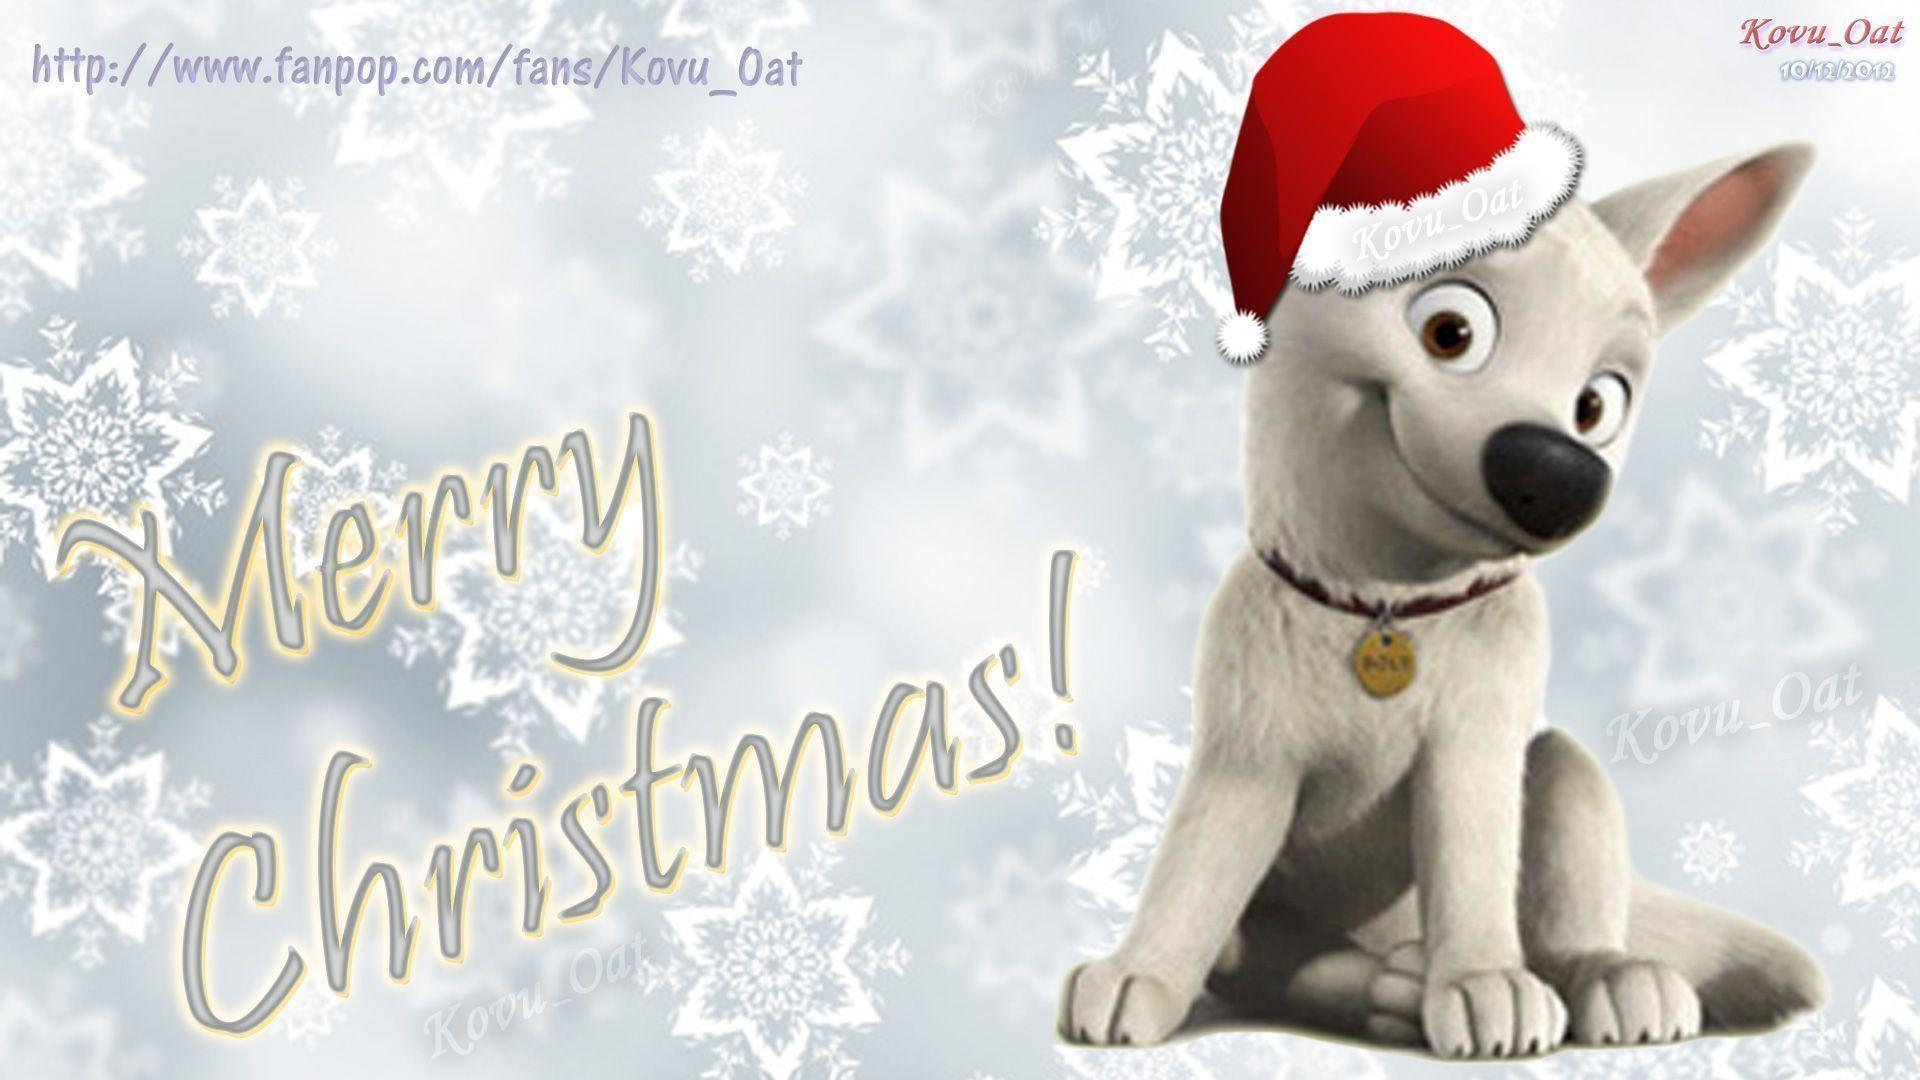 1920x1080 Cute Merry Christmas Wallpaper ClickHdWallpapers